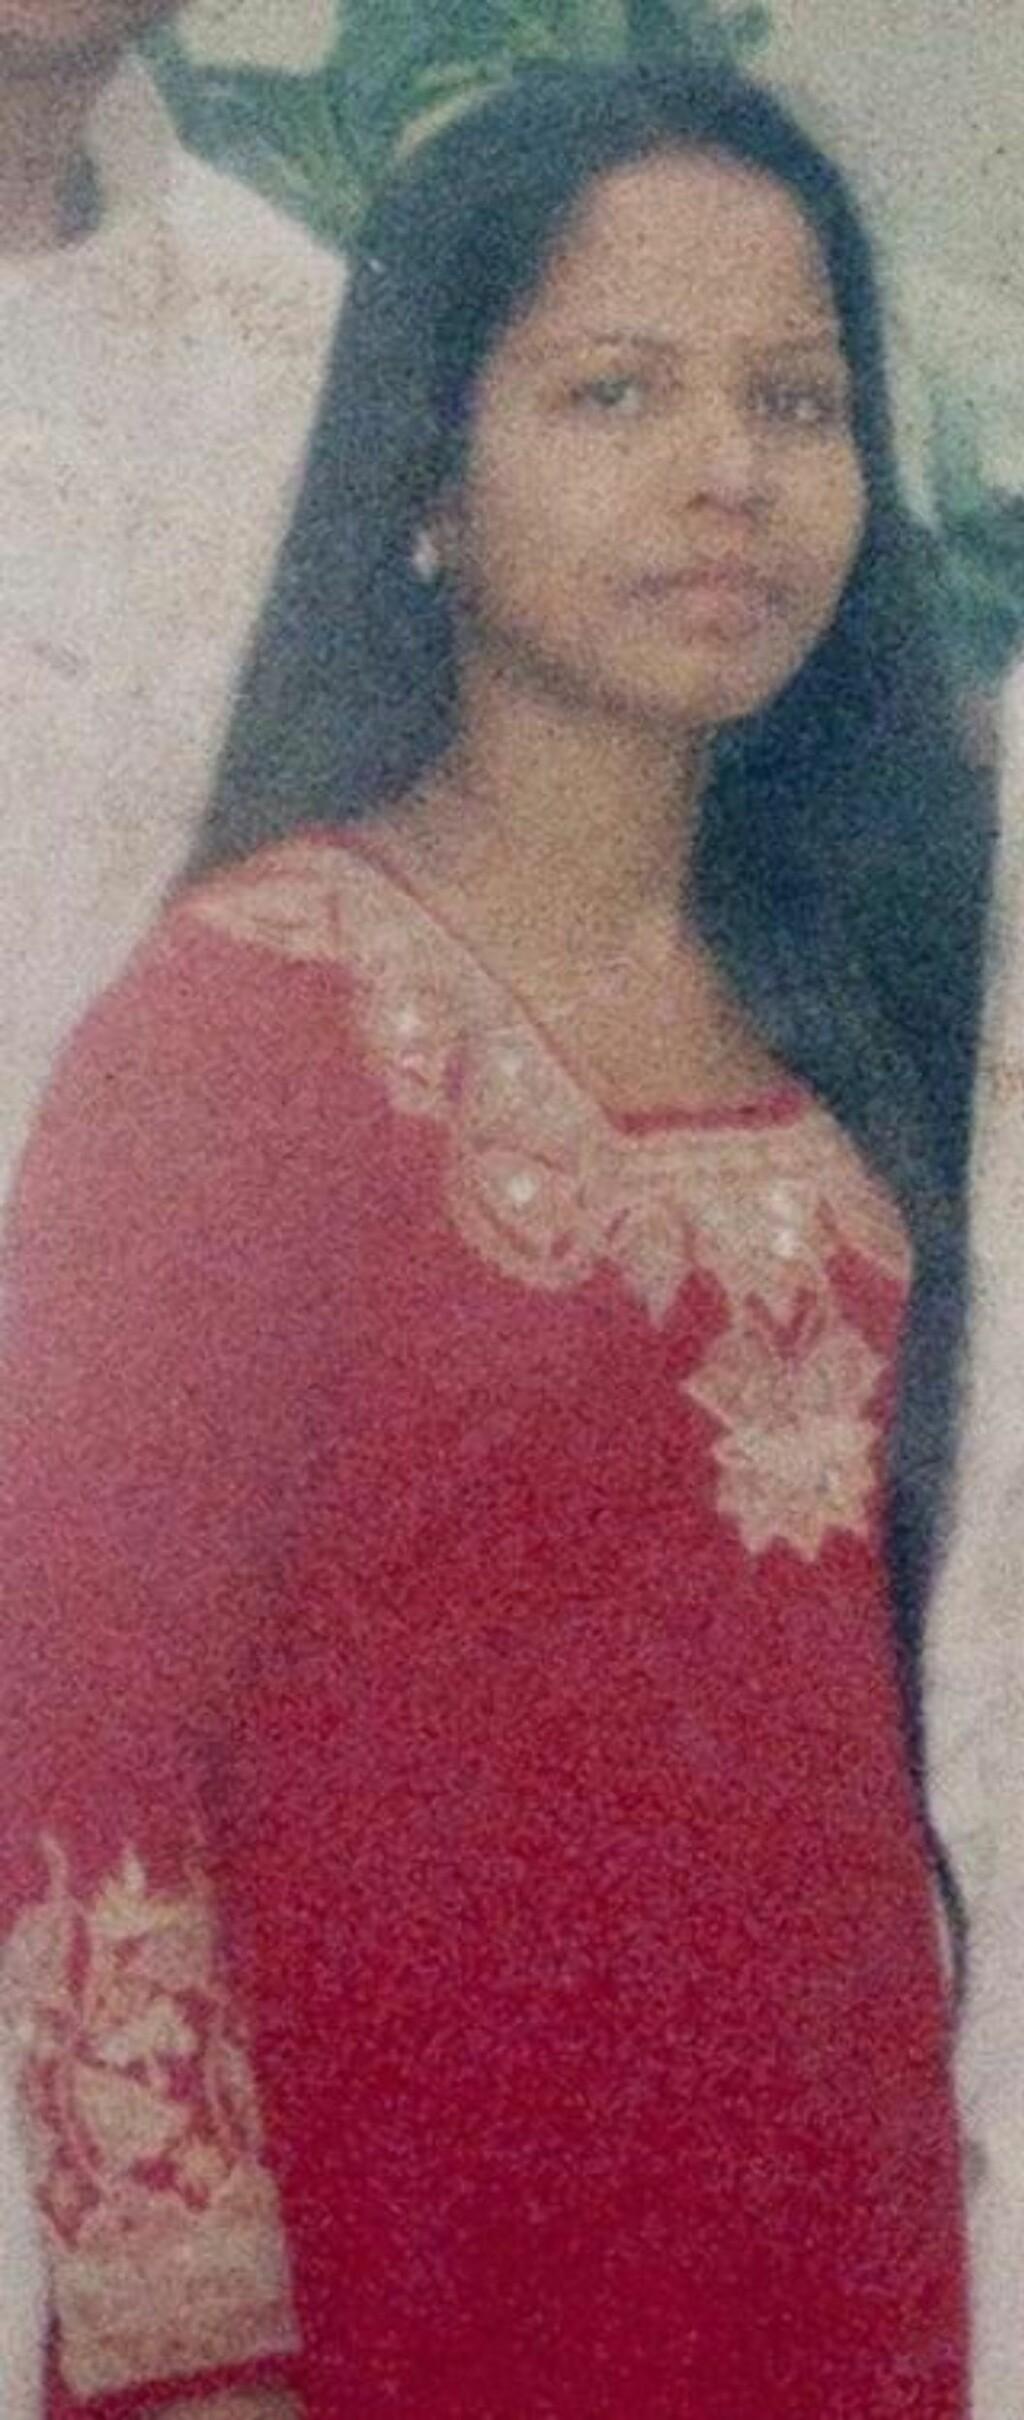 DØDSDØMT: Dette blidet er delt ut av familiemedlemmene til den kristne Asia Bibi som er dømt til døden for blasfemi. Foto: REUTERS/Handout